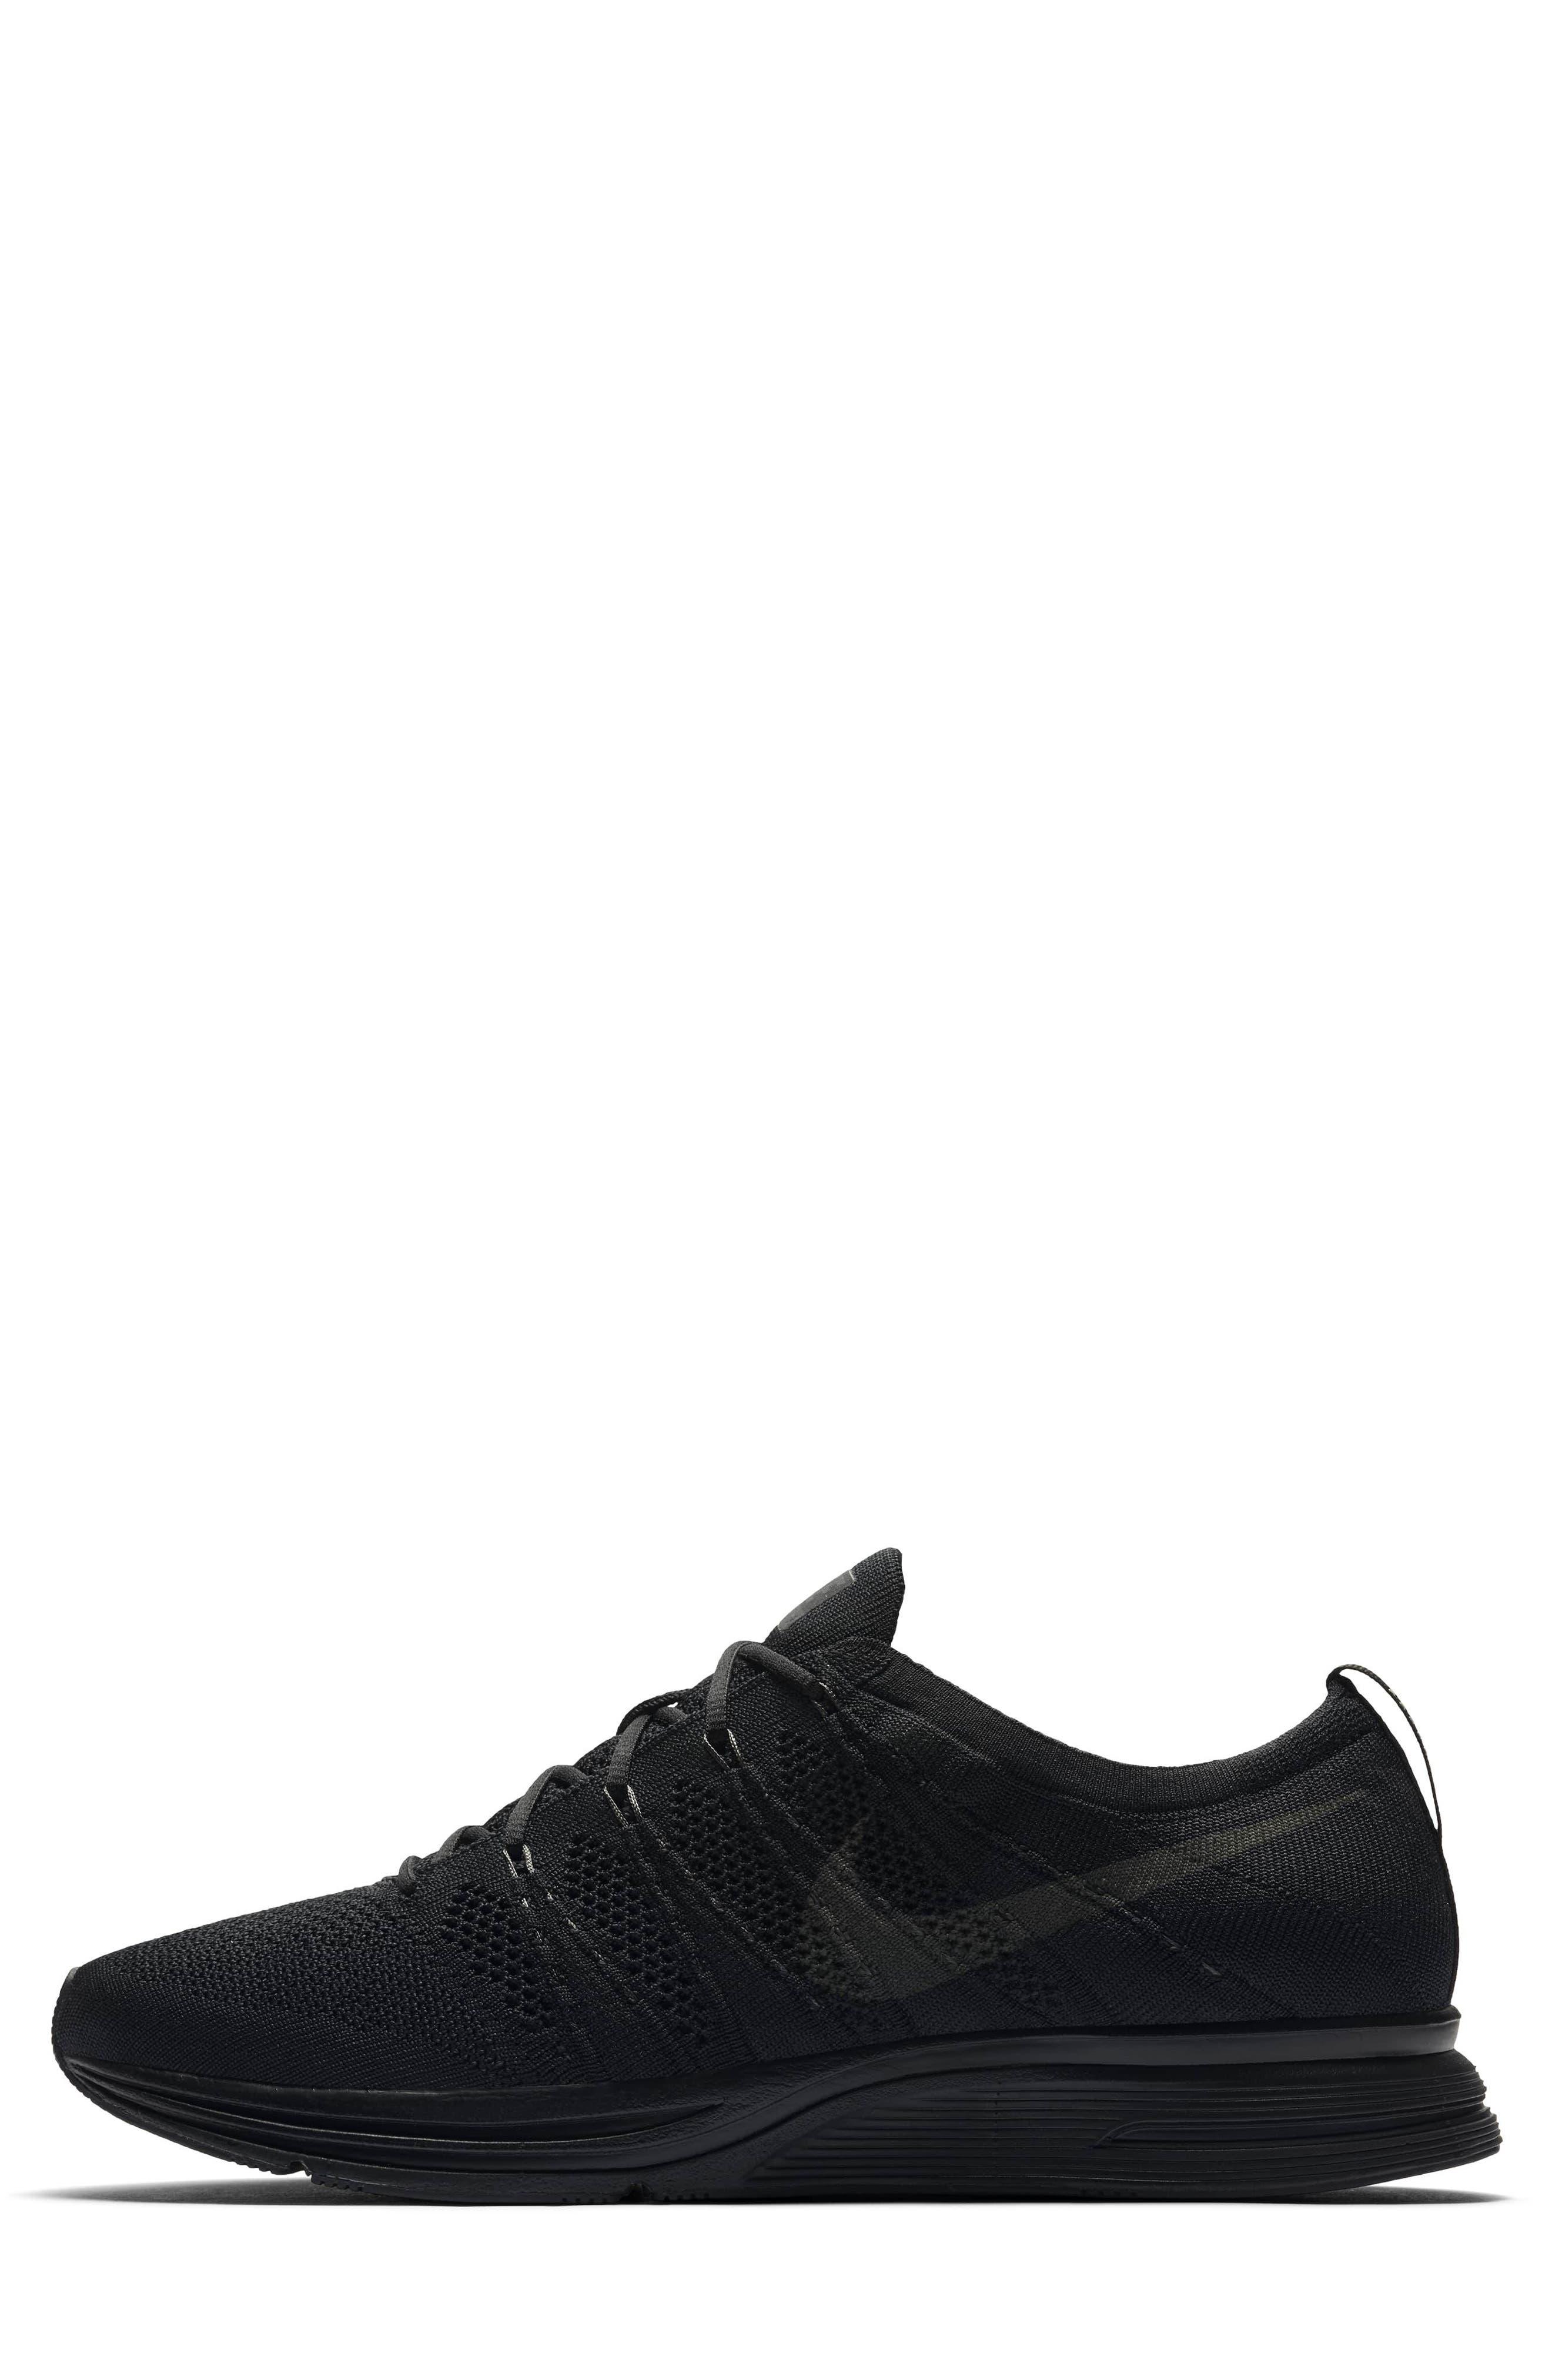 NIKE,                             Flyknit Trainer Sneaker,                             Alternate thumbnail 3, color,                             004